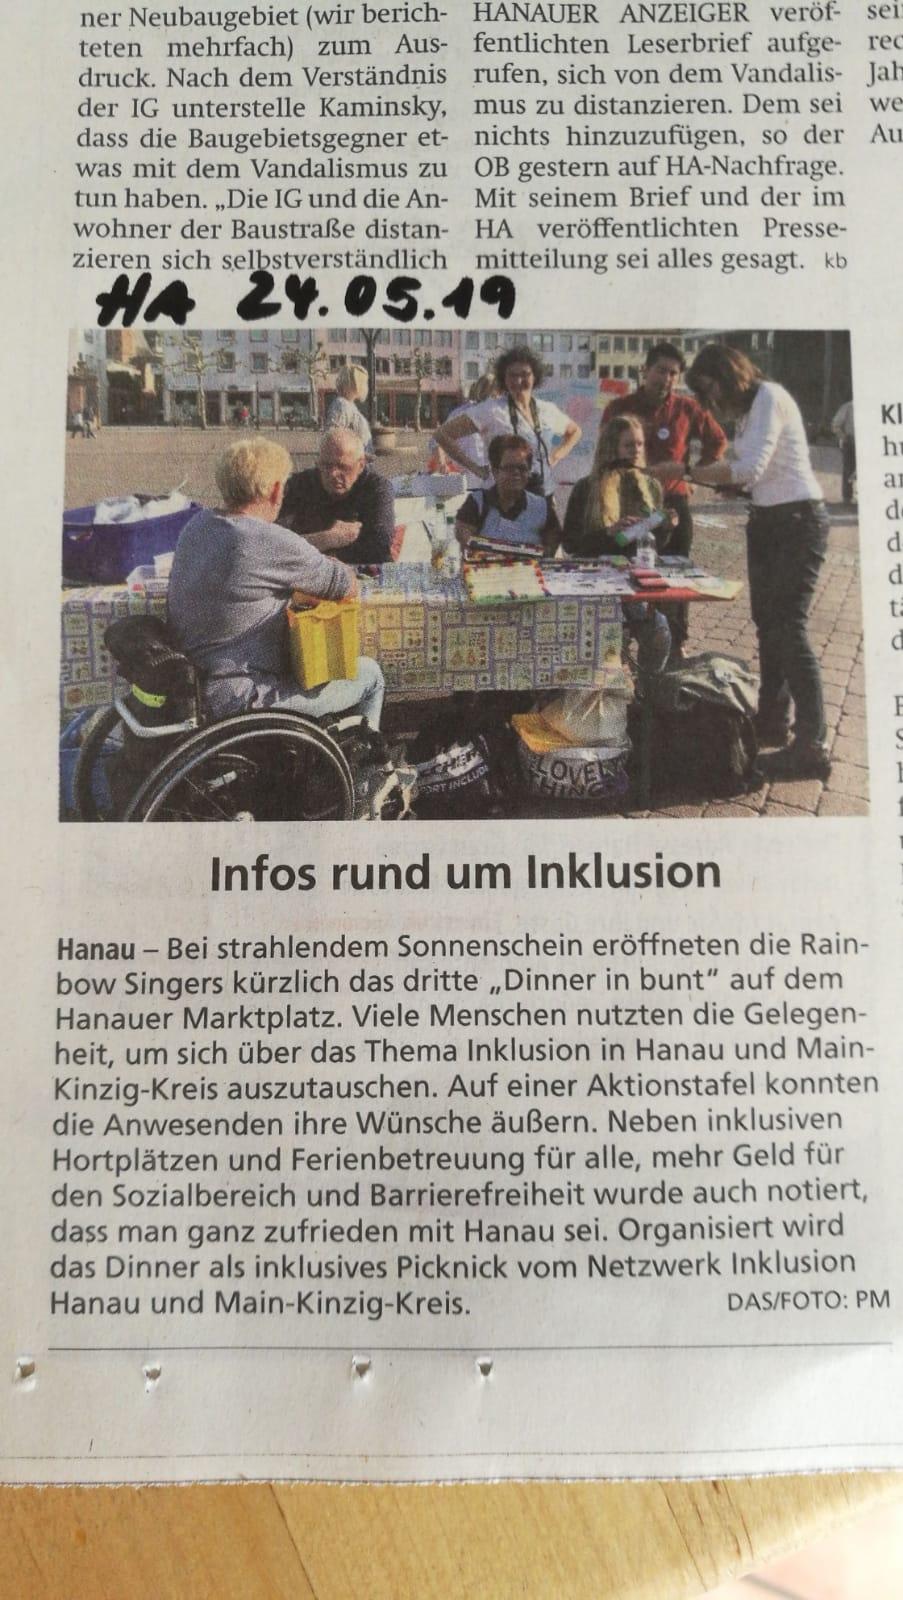 Artikel über das Dinner in bunt 2019 im Hanauer Anzeiger